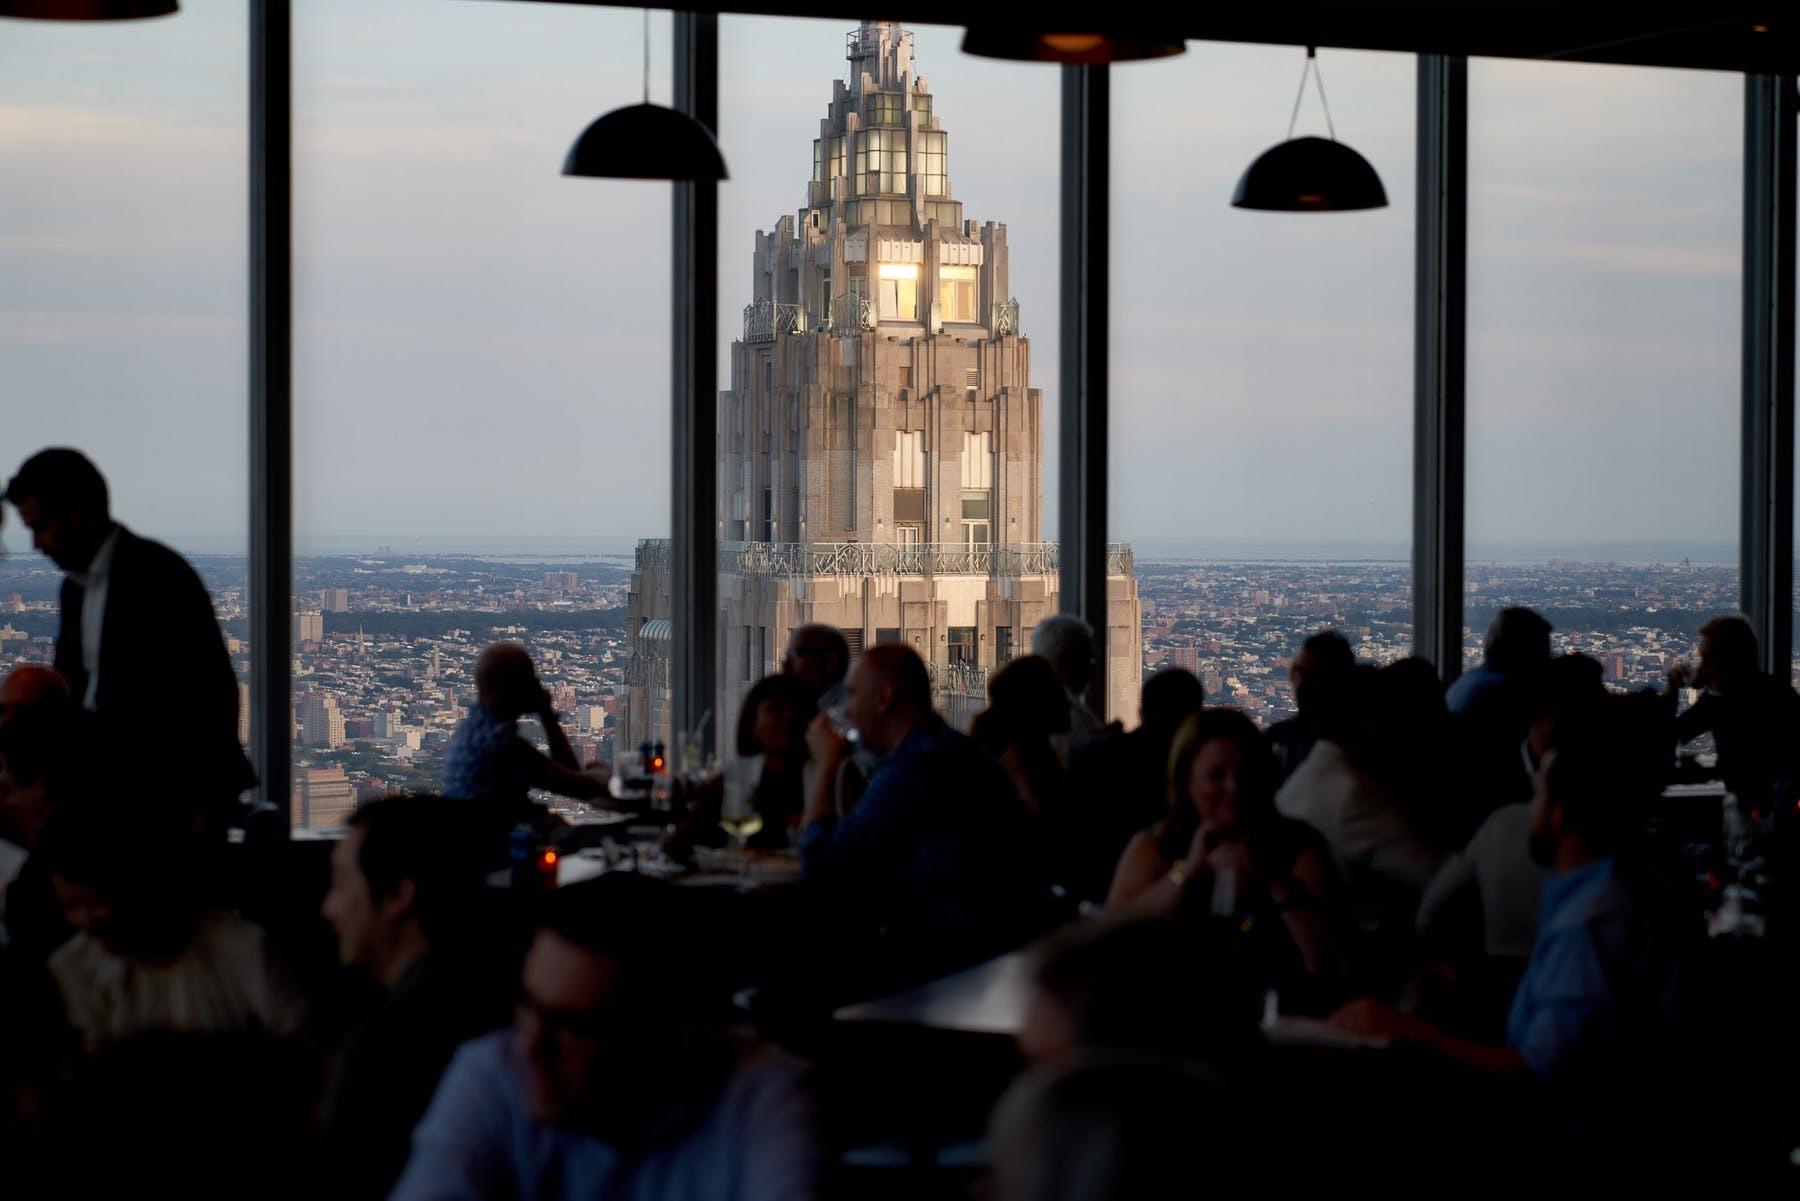 夜景が綺麗なレストラン(しかもチップなし笑)_d0240098_06280401.jpg